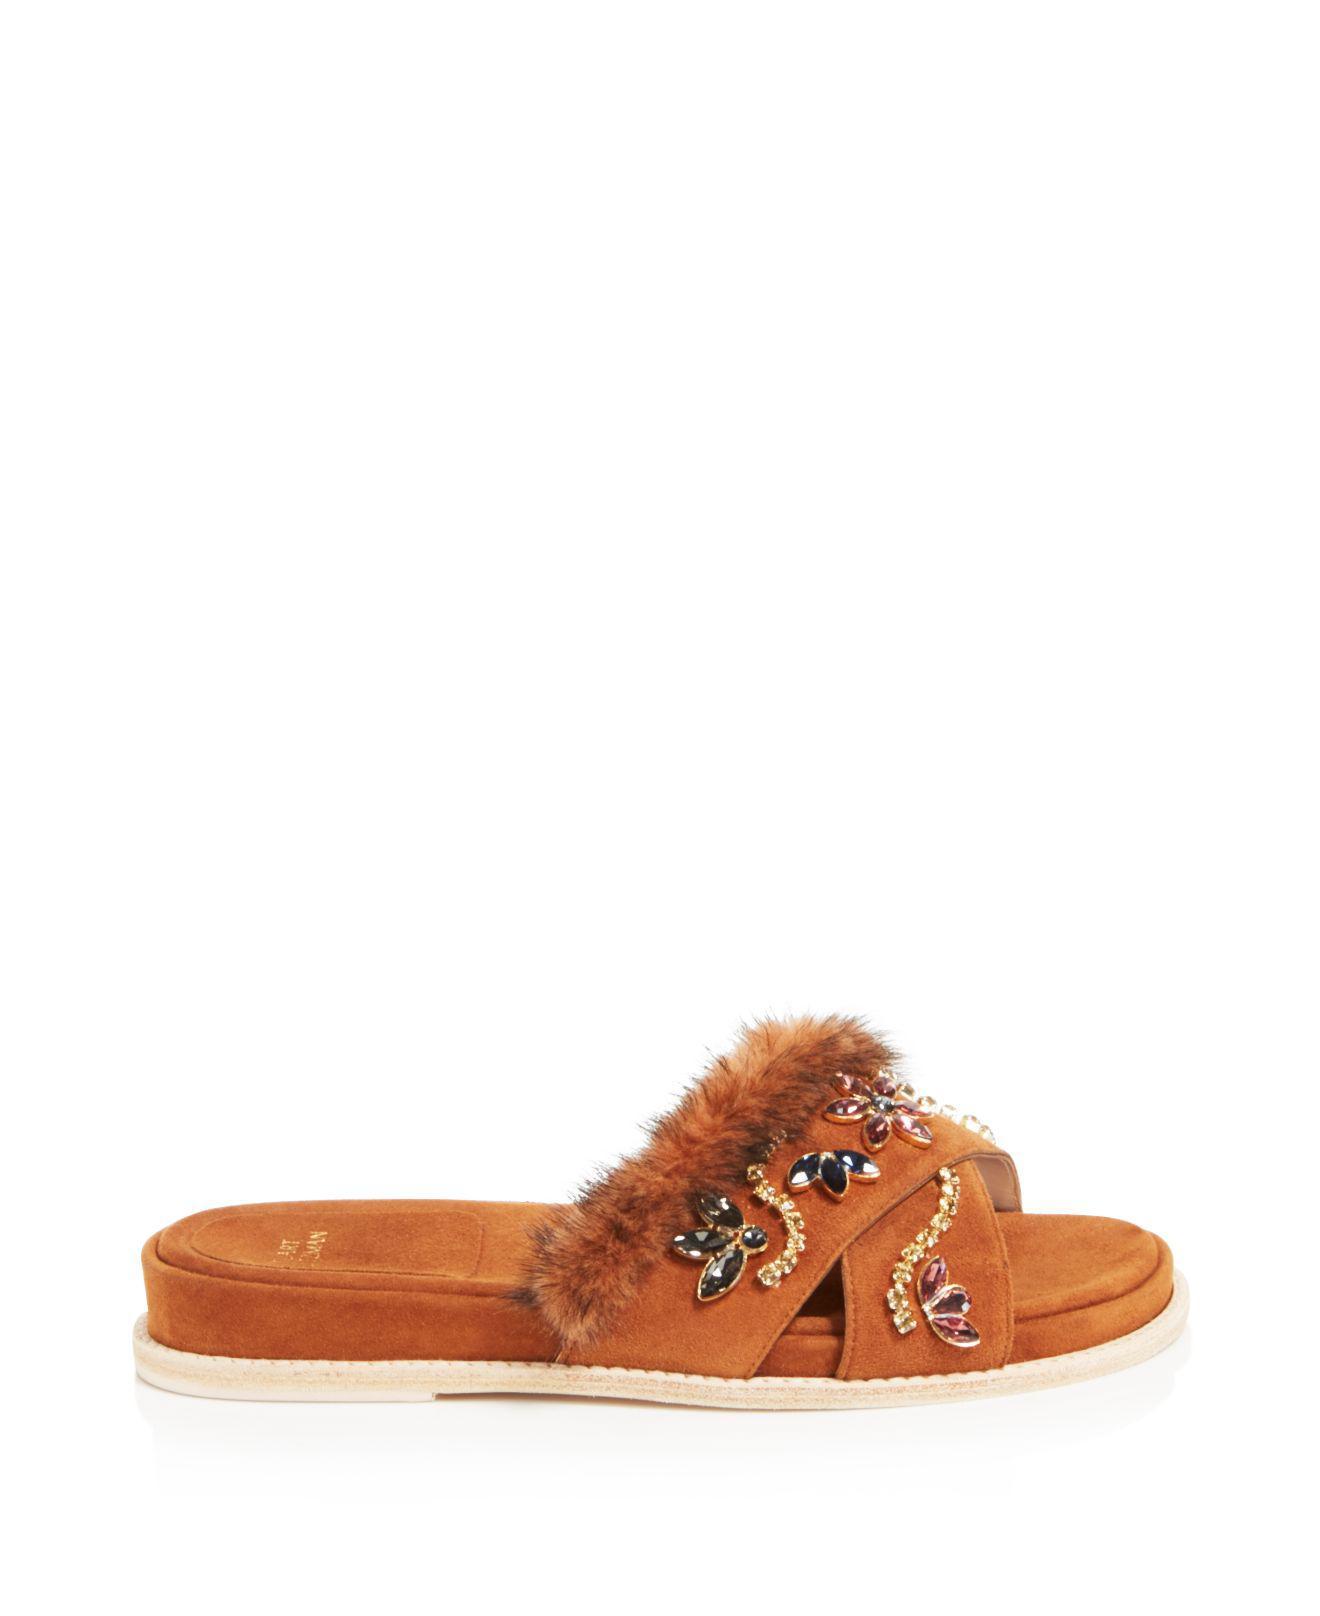 Stuart Weitzman Women's Nomedeplume Suede & Mink Fur Embellished Slide Sandals 8X0y2WEJS